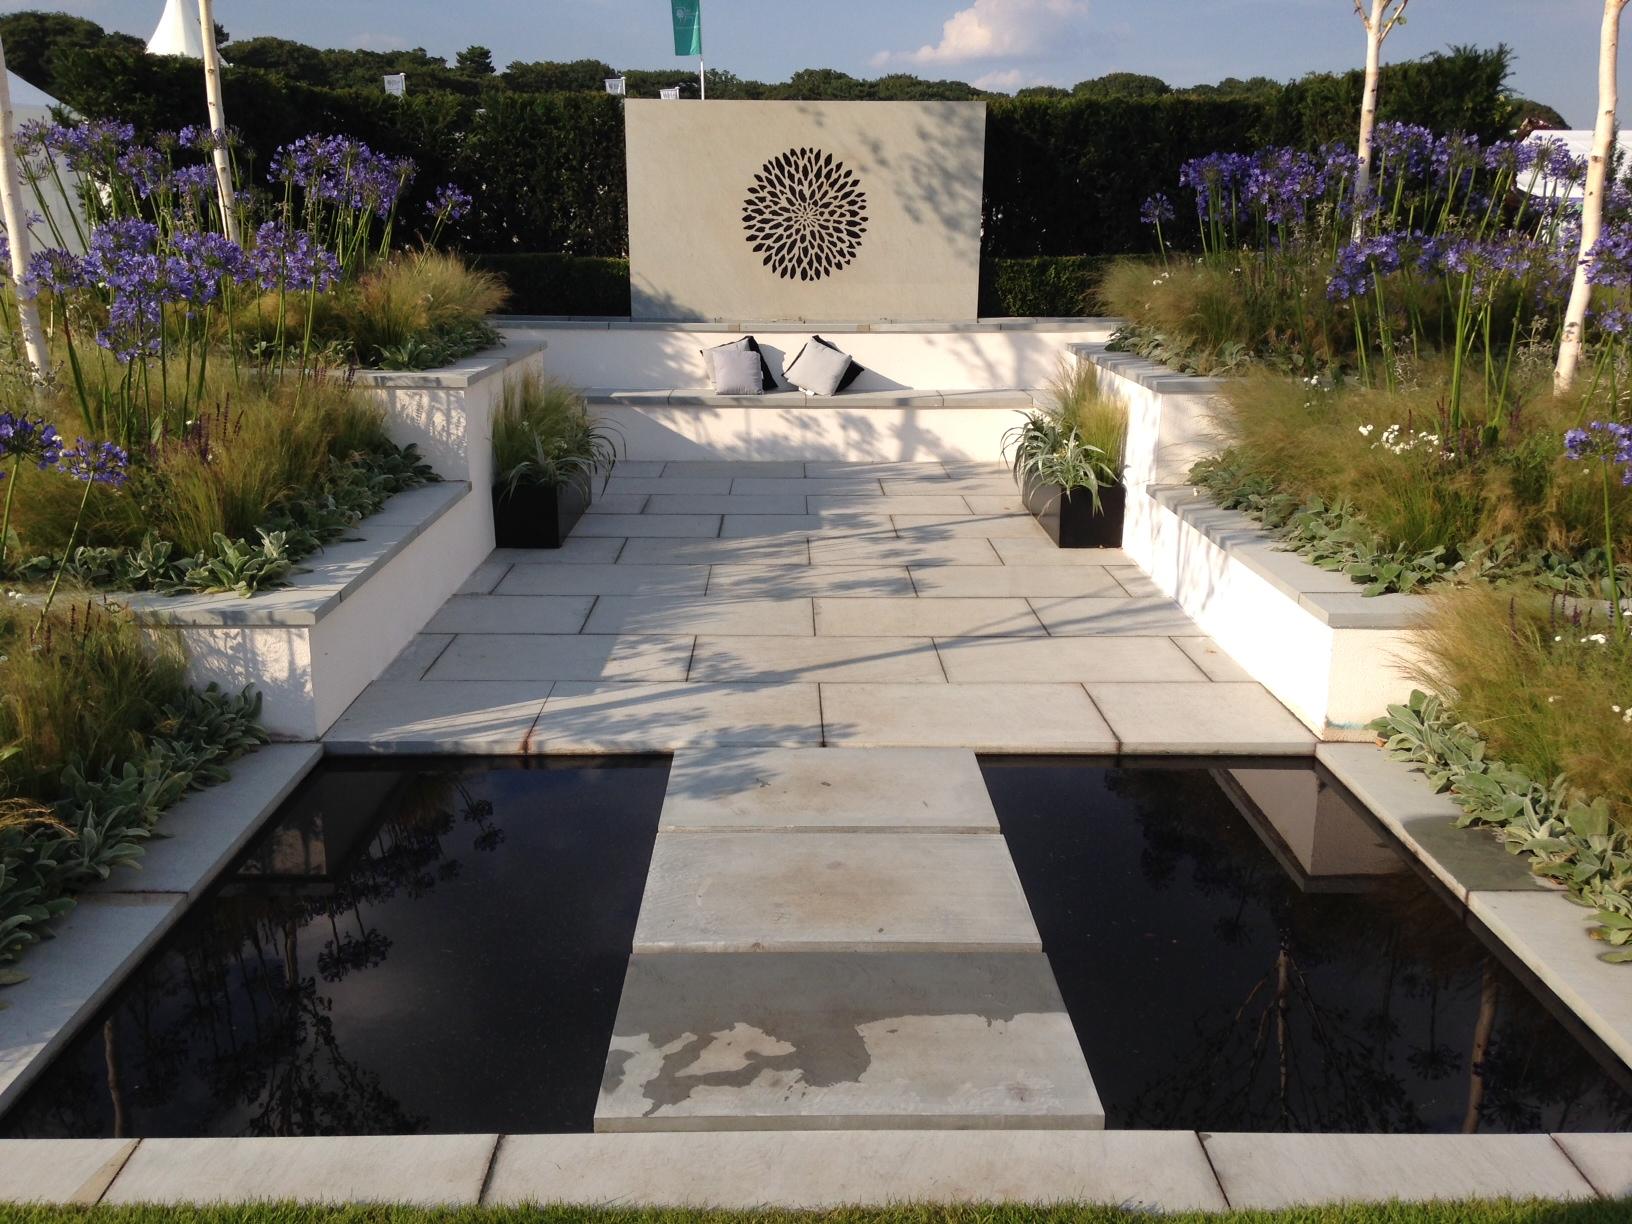 100 Years On Garden at Tatton Park